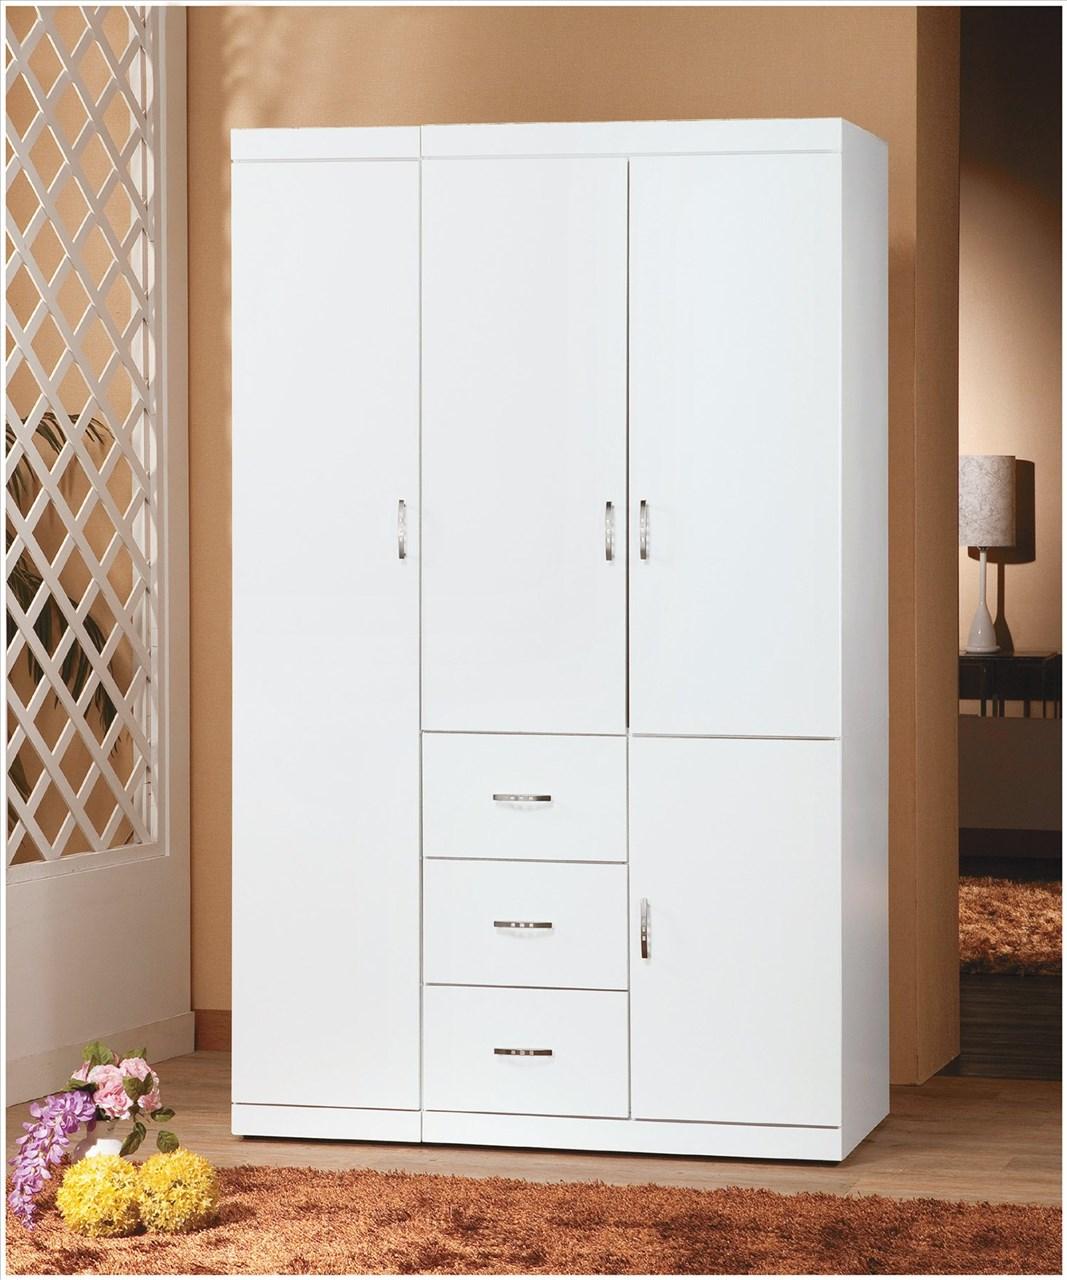 【石川家居】EF-140-5 立芬純白4*7尺衣櫥 (不含其他商品) 需搭配車趟